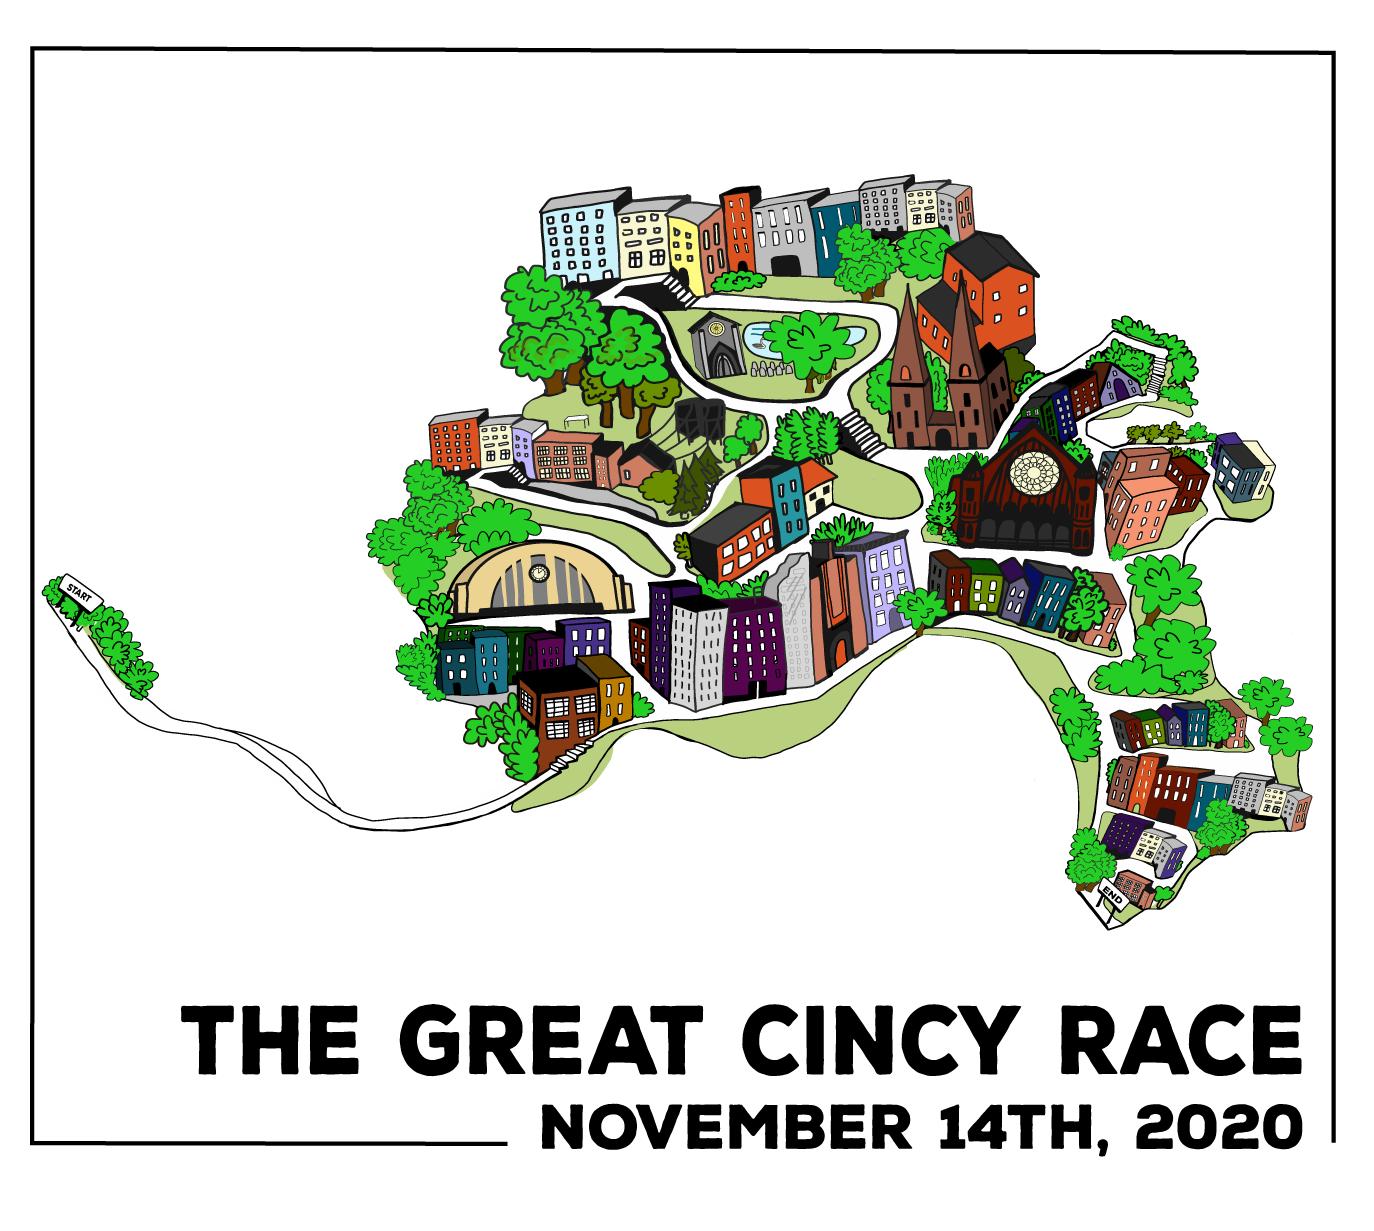 Great Cincy Race